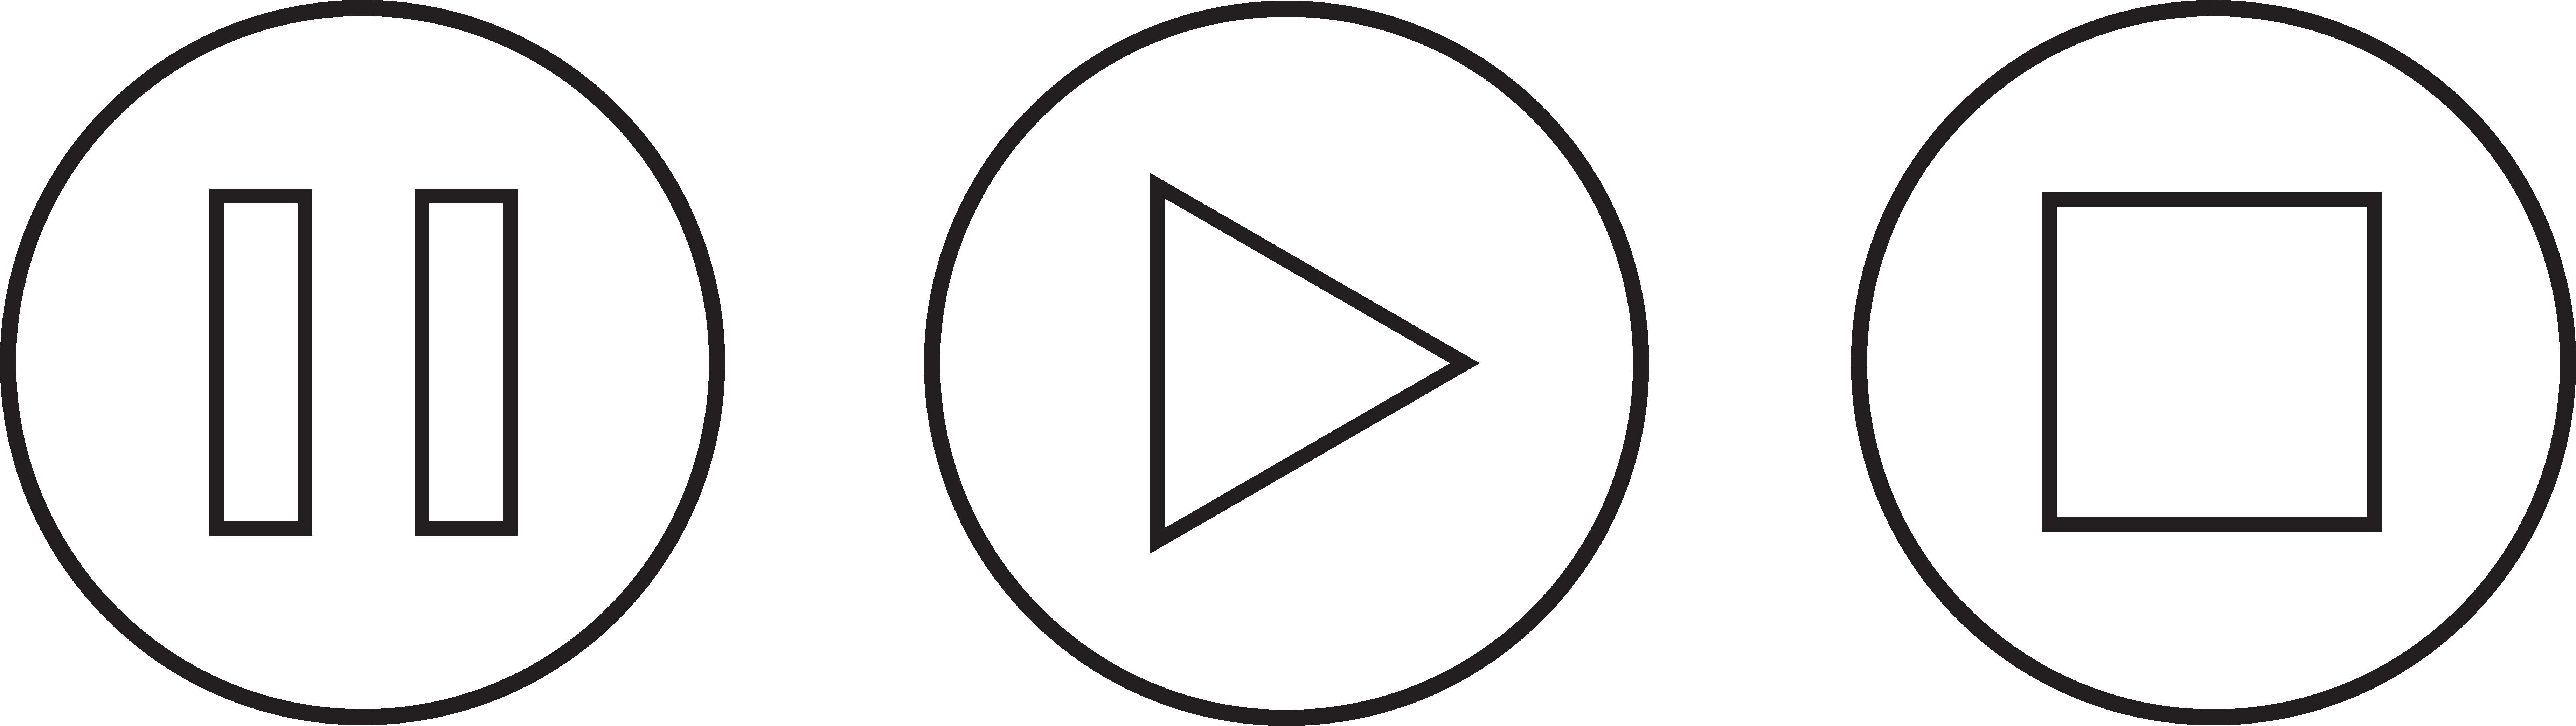 7357x2073 Audio Clipart Pause Button